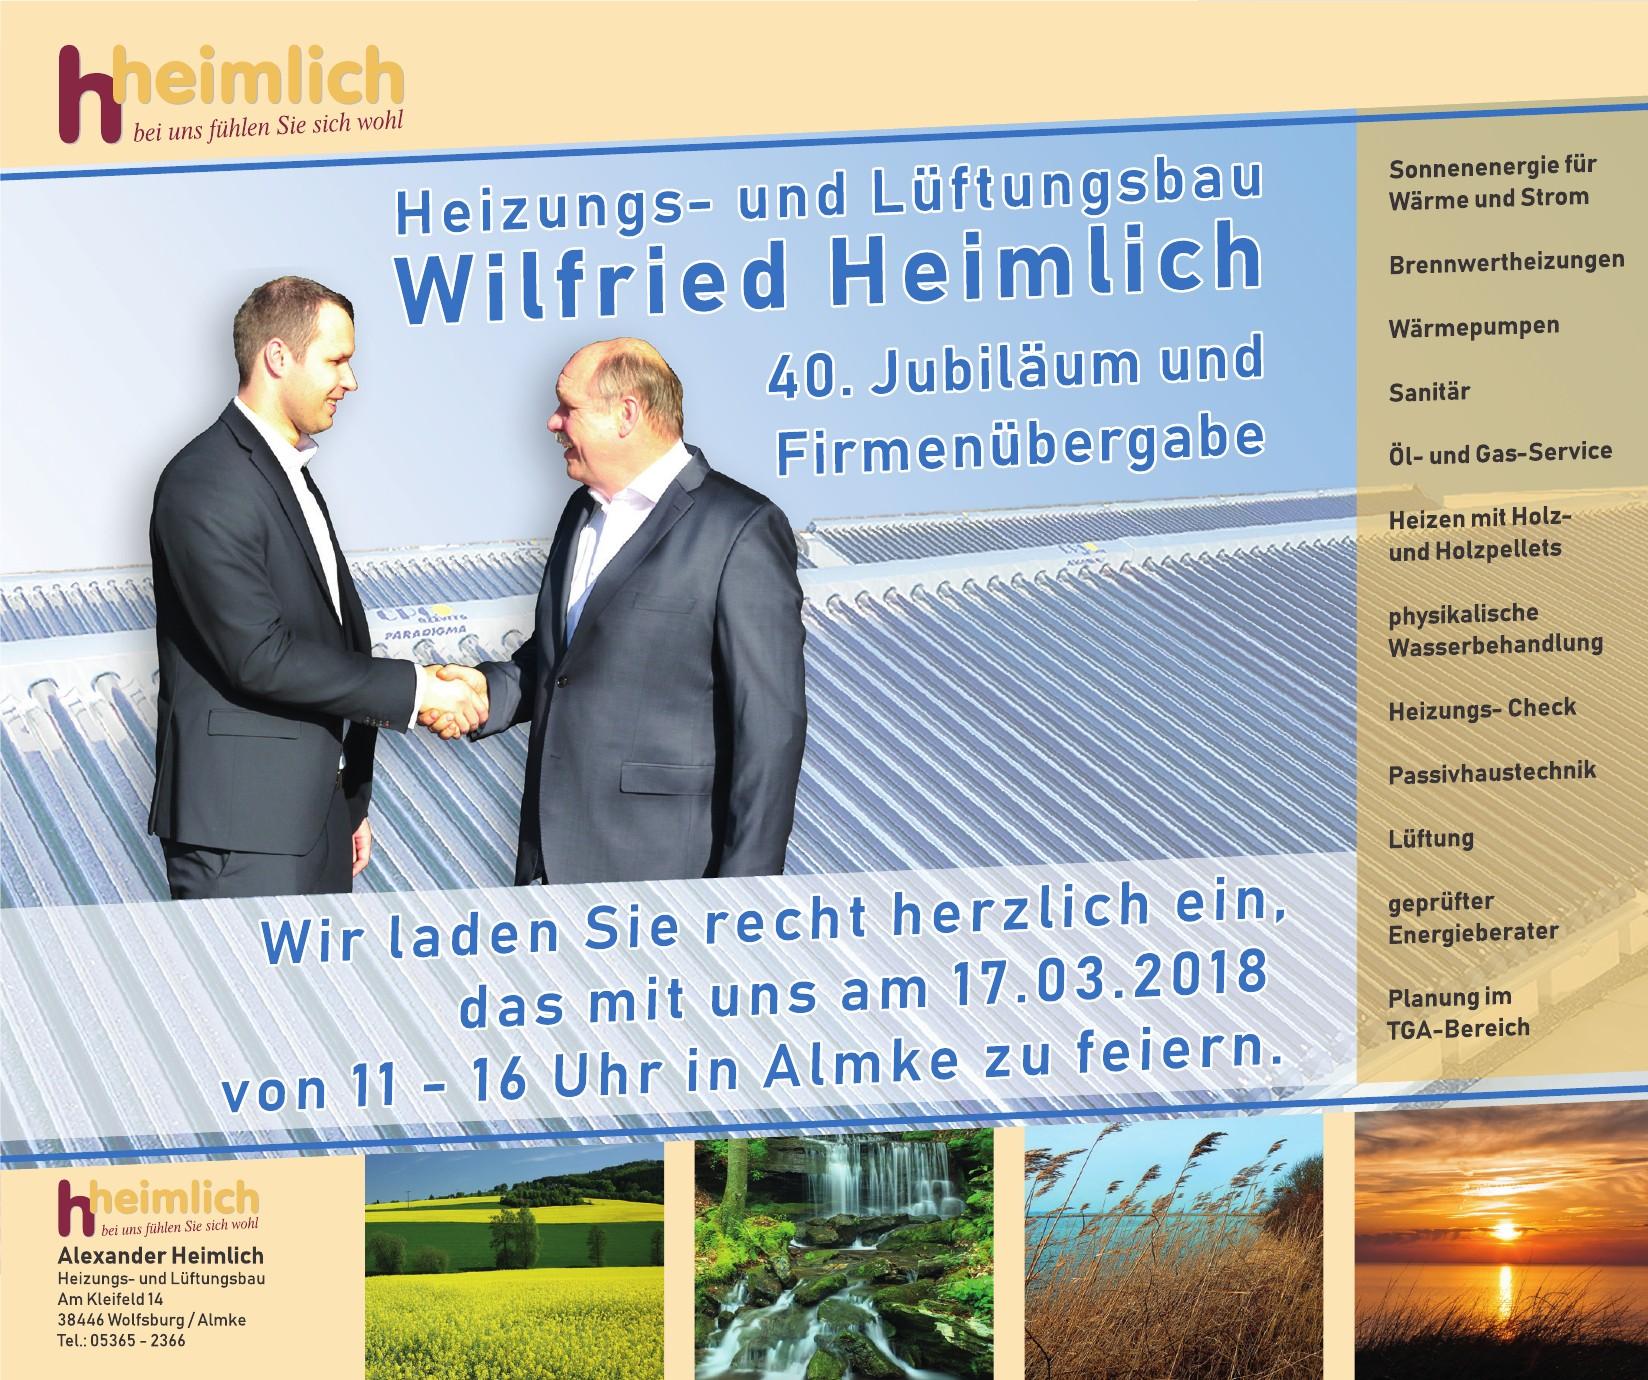 Heizung- und Lüftungsbau Wilfried Heimlich